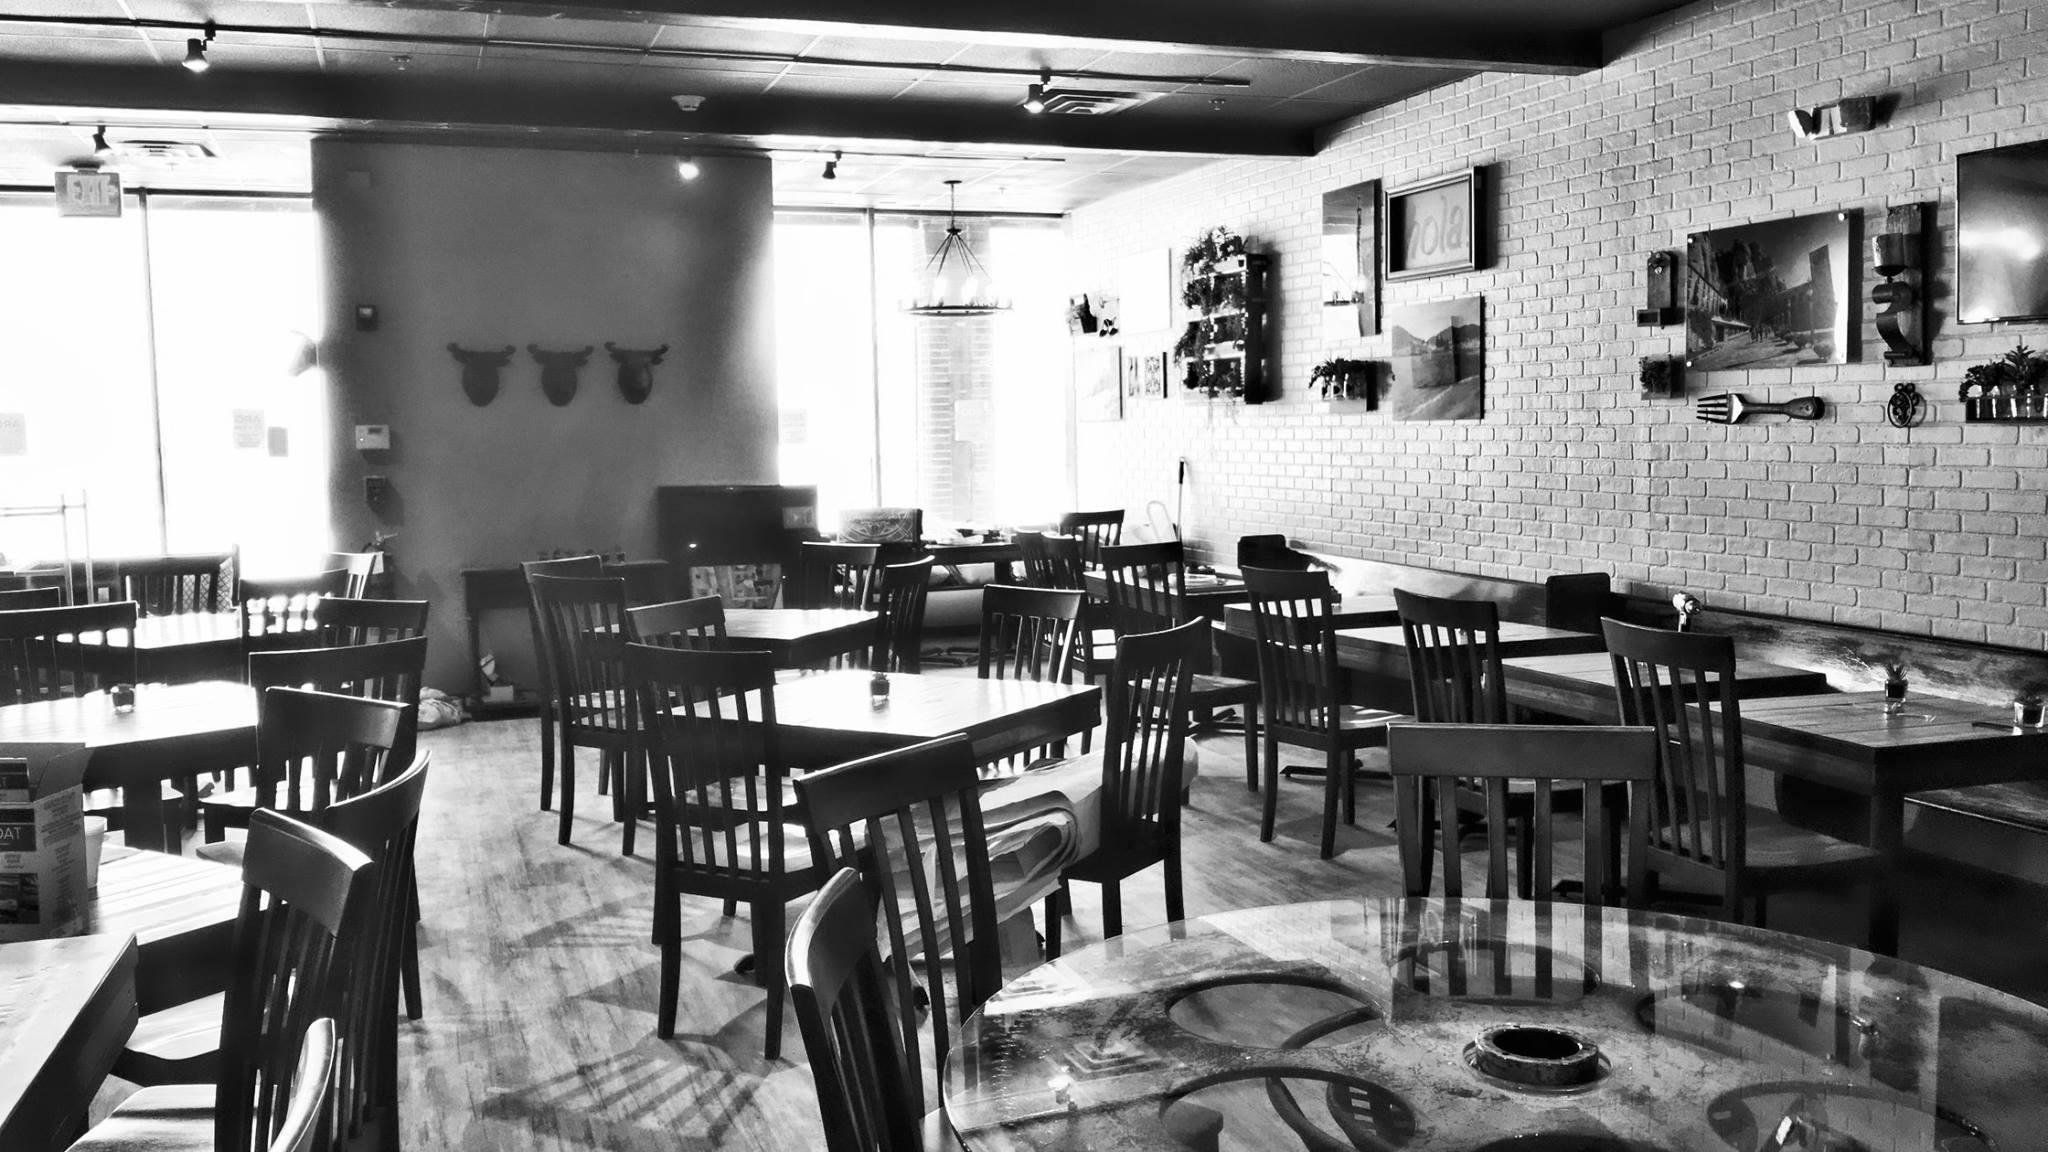 Aro Bar de Tapas, in the Williamville Place plaza, aims to recreate the Spanish tapas bar experience. (Photo: Aro Bar de Tapas)